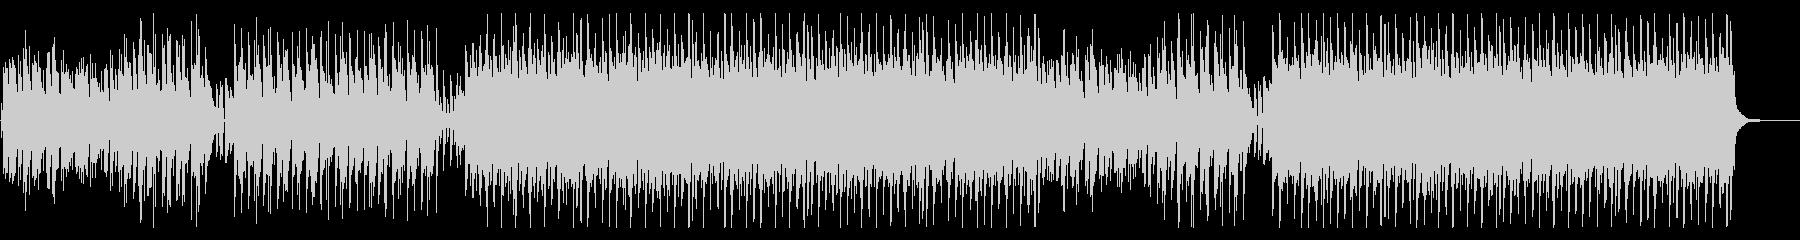 CMやVPに おしゃれかわいいピアノポップの未再生の波形